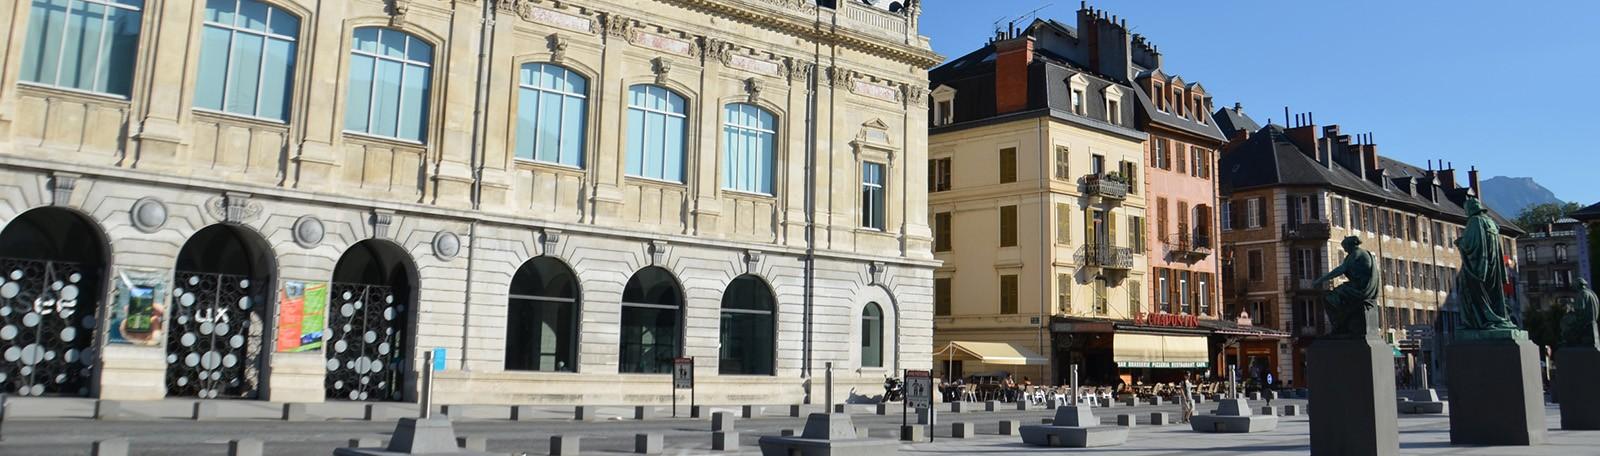 Parking Q-Park Cassine 2 - Chambéry gare sncf